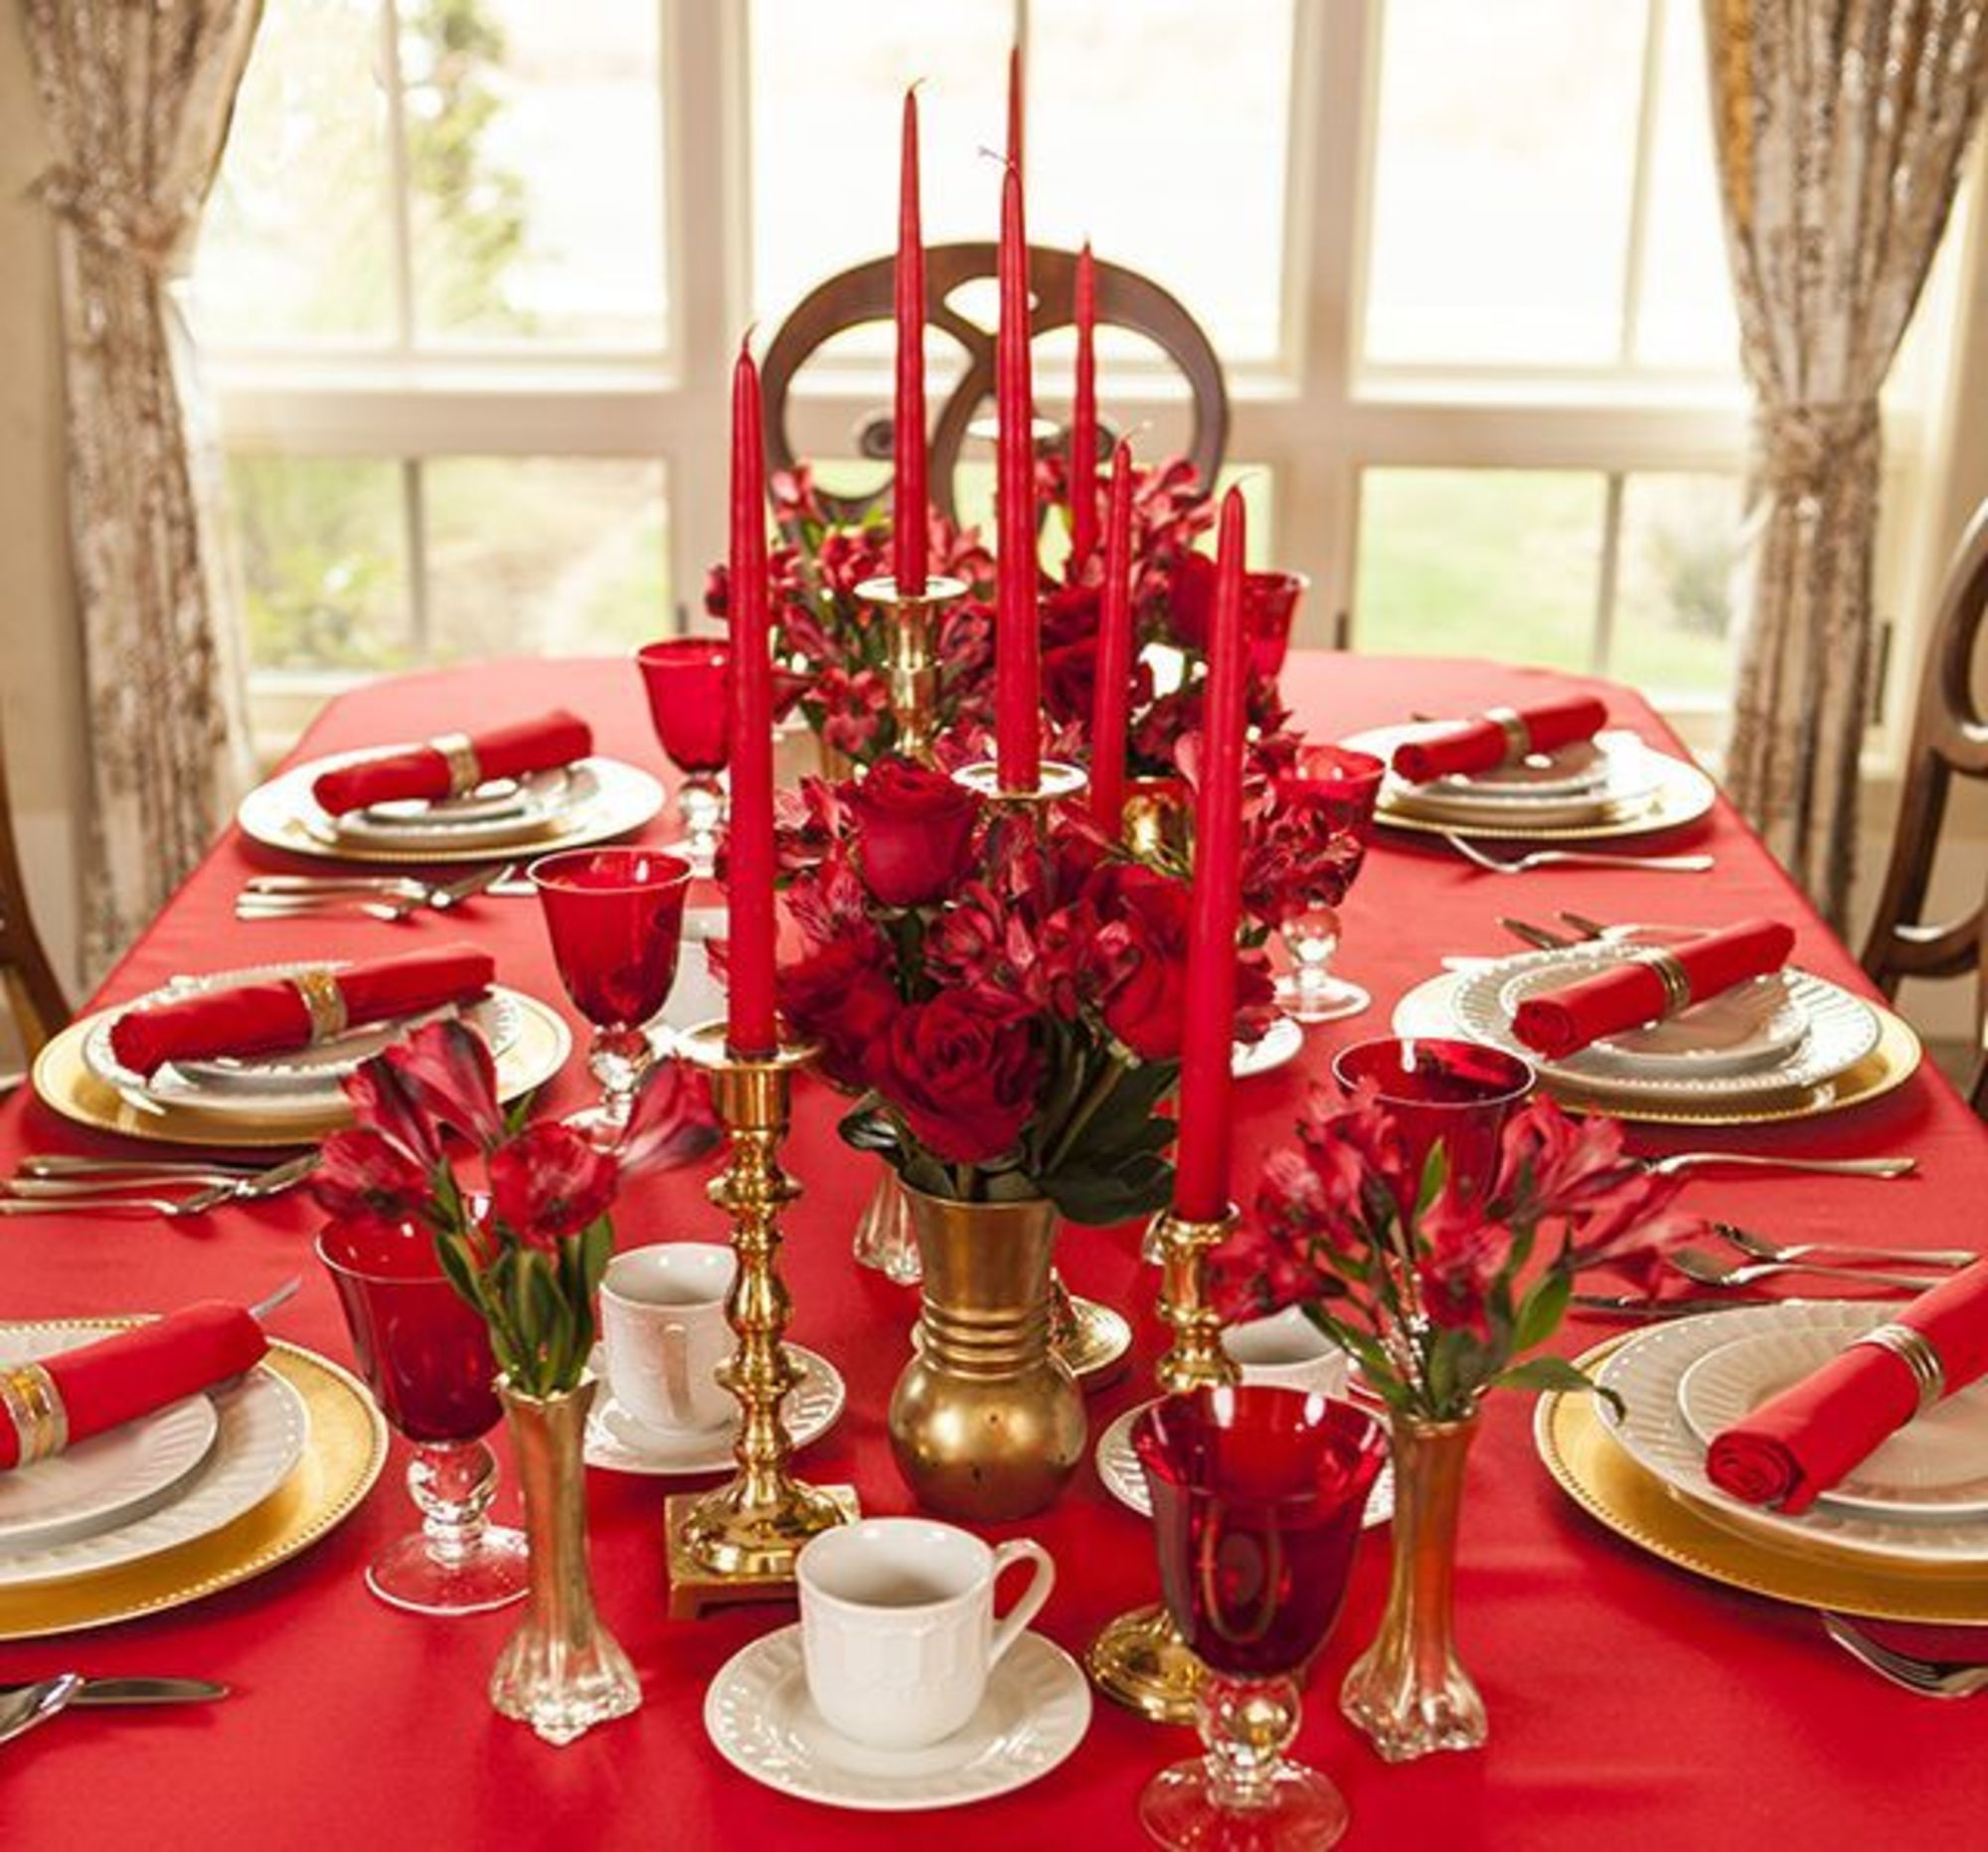 Déco table Noel  table de fête en rouge et or